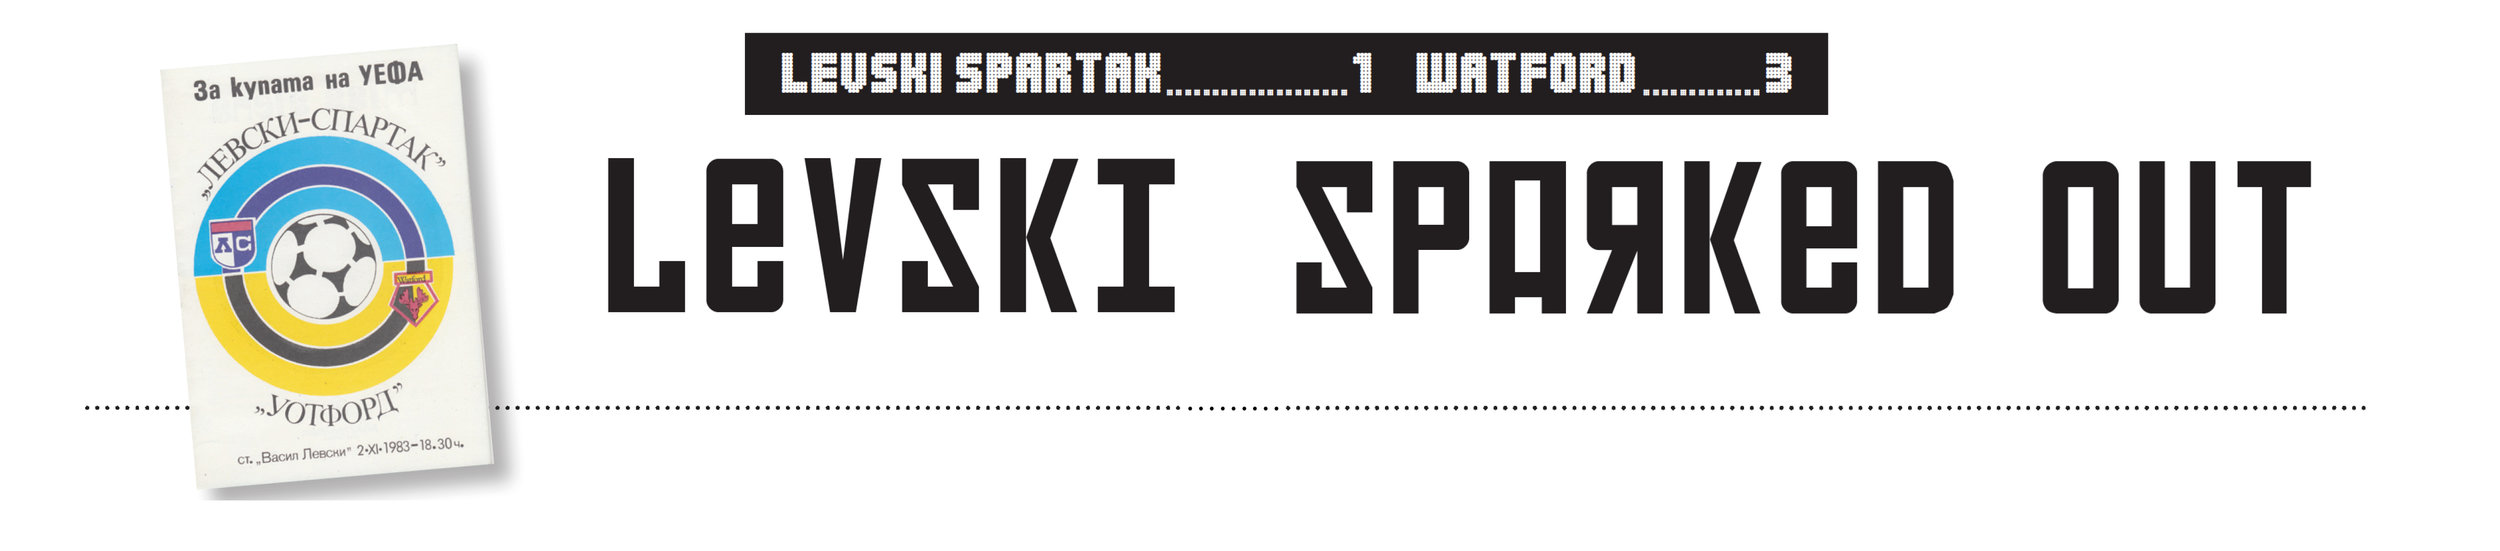 Levski score for website.jpg